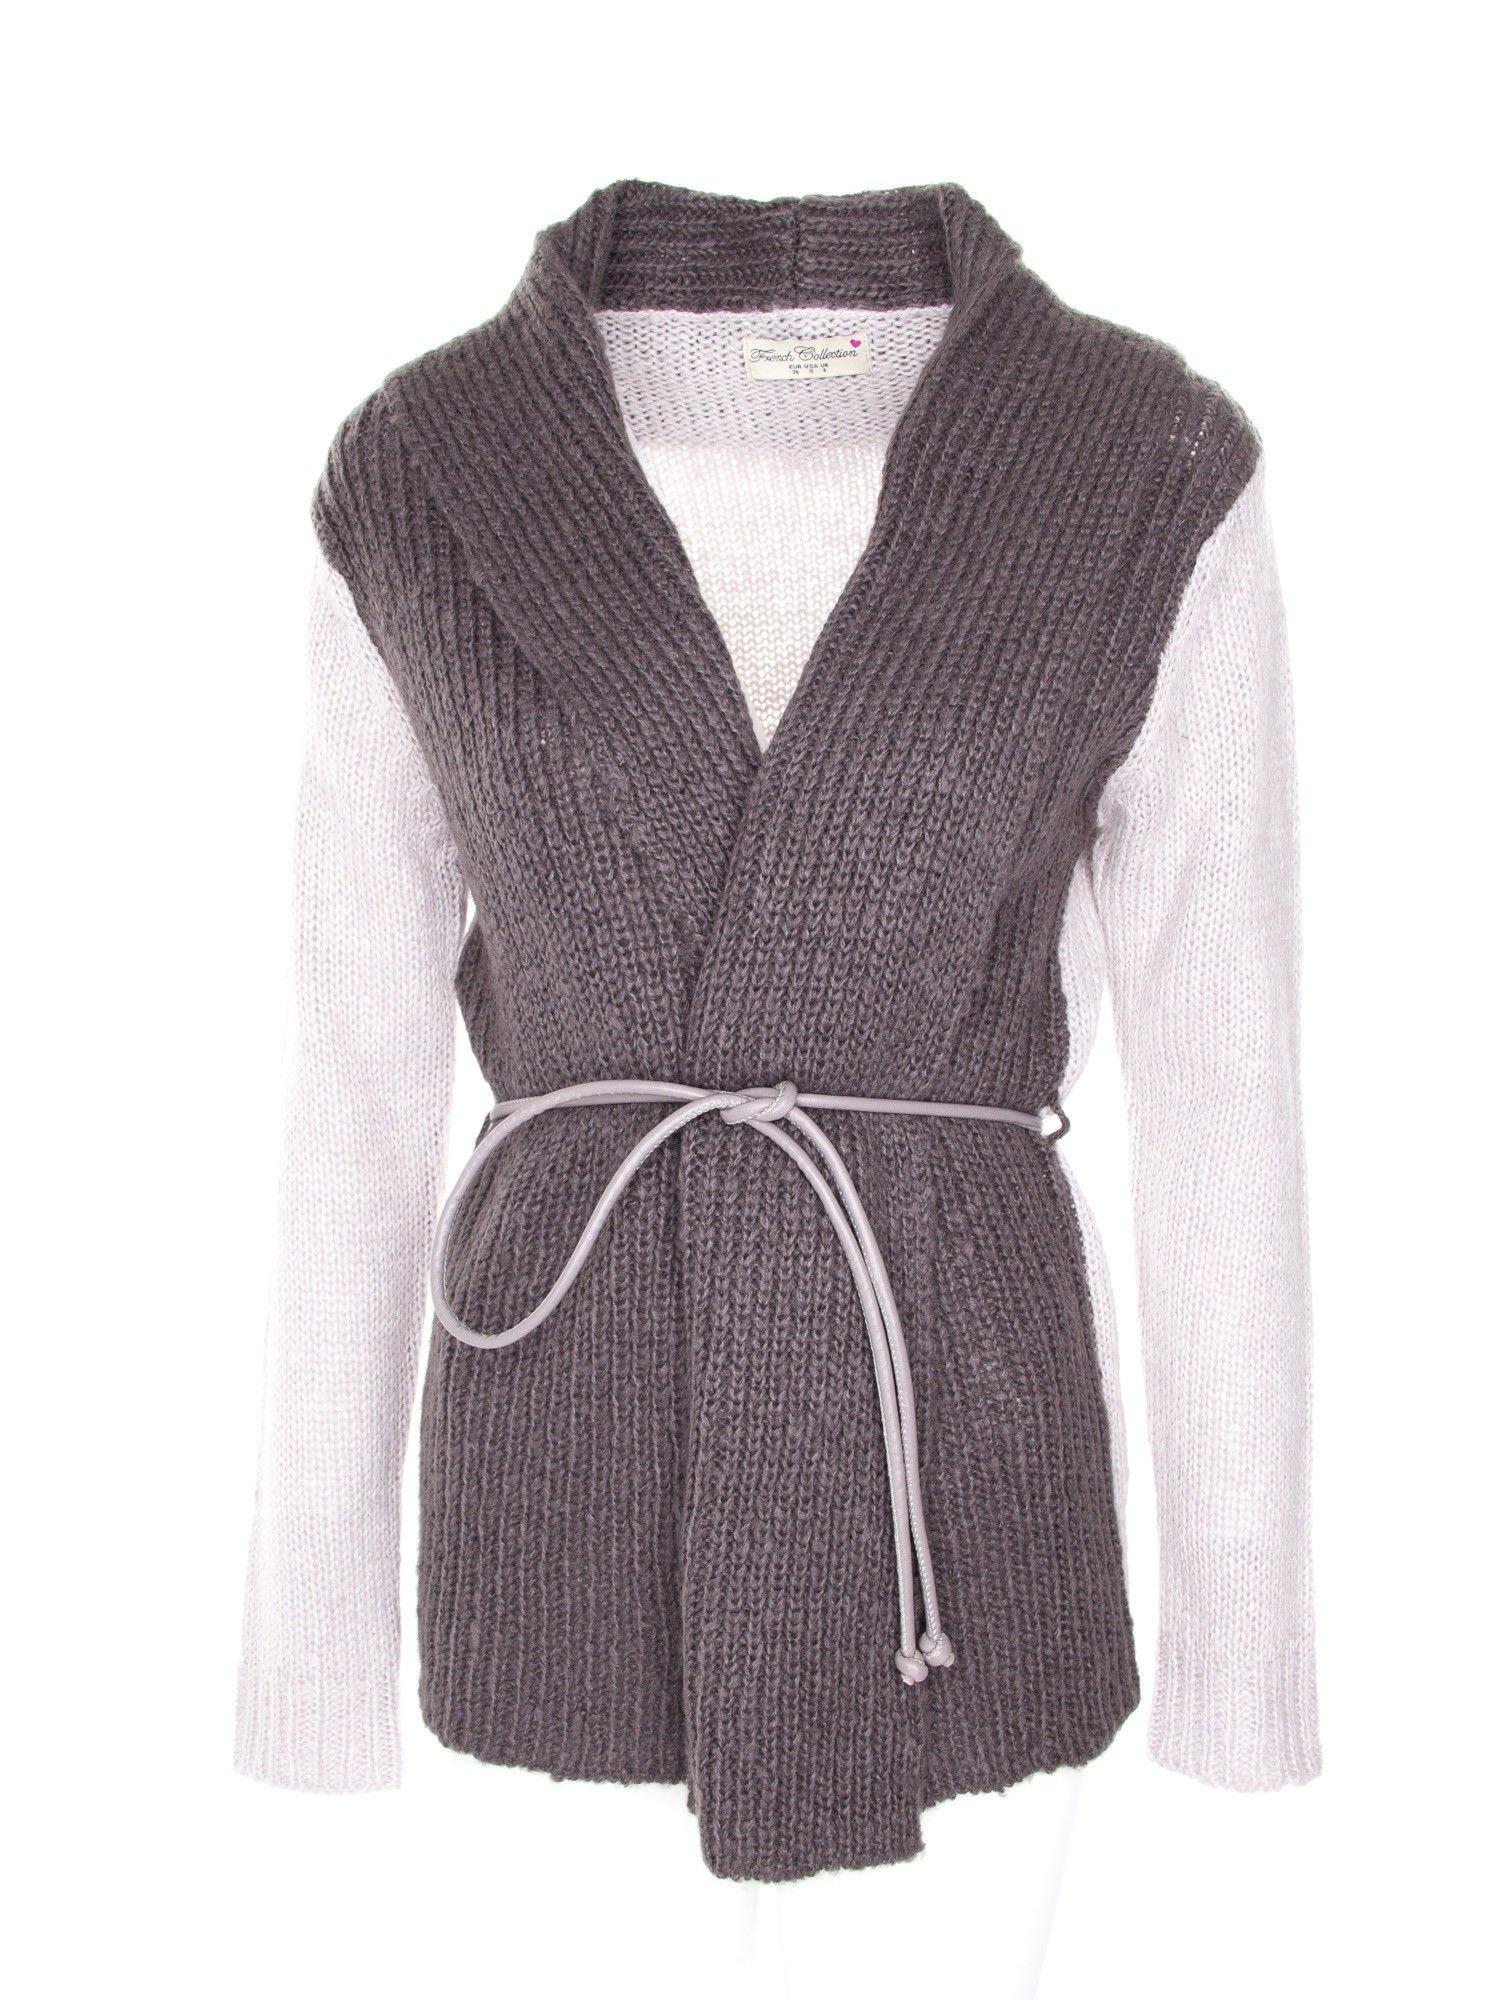 Szary sweter z kontrastowymi rękawami i paskiem                                  zdj.                                  1